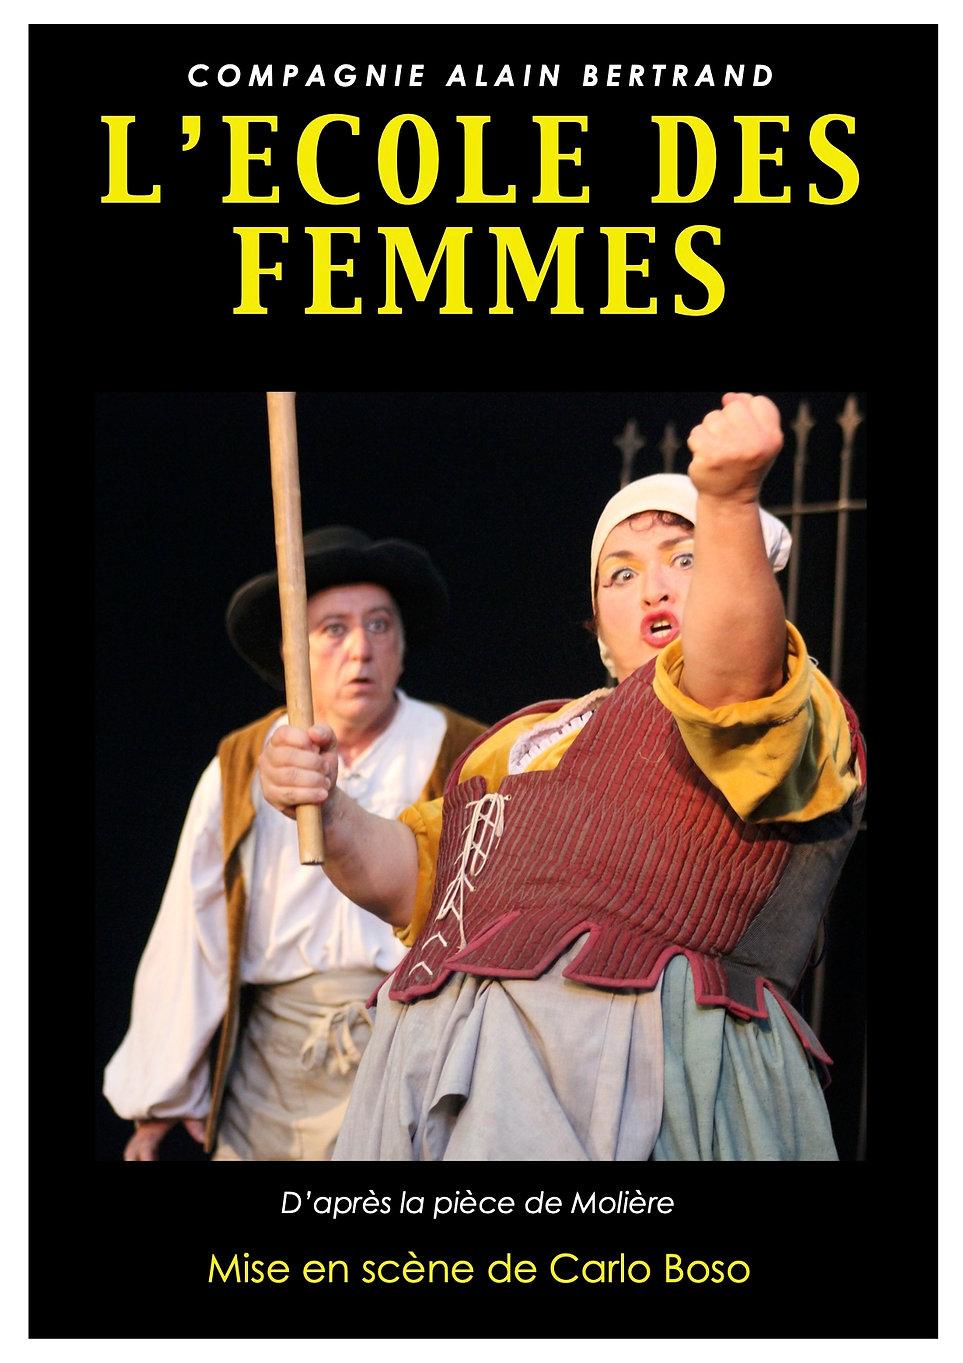 Afiiche ECOLE DES FEMMES  .jpg